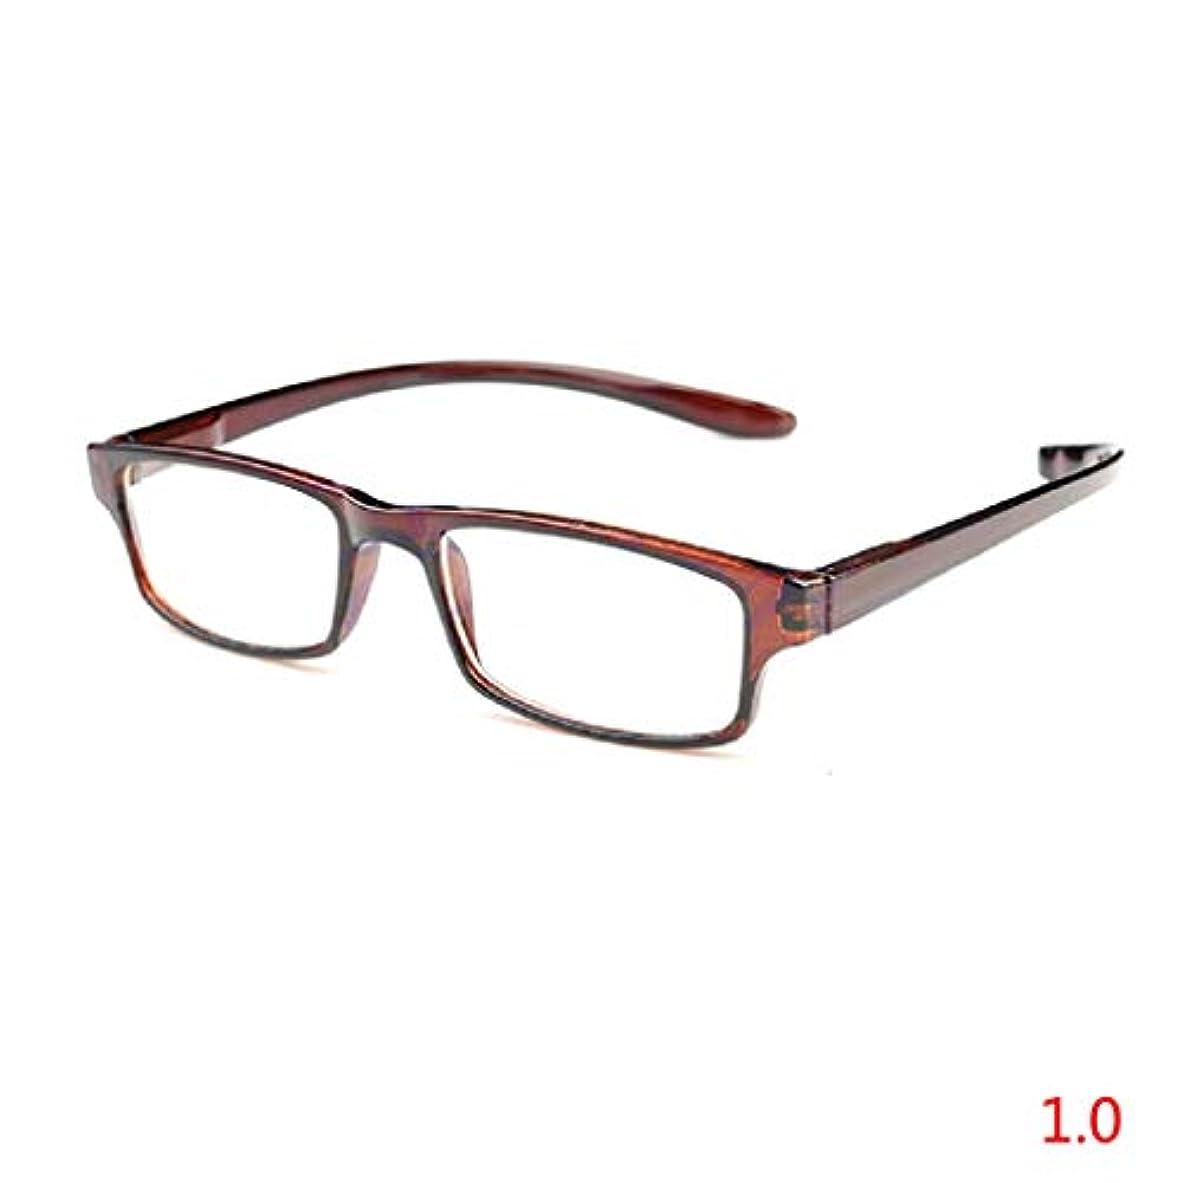 挨拶花束キャプションjackyee首を吊るす伸縮性のある脚を延長することができます老眼鏡(透明コーヒー)-100眼鏡軽い眼鏡老眼鏡新しい1.0 1.5 2.0 2.5 3.0ジオプター快適